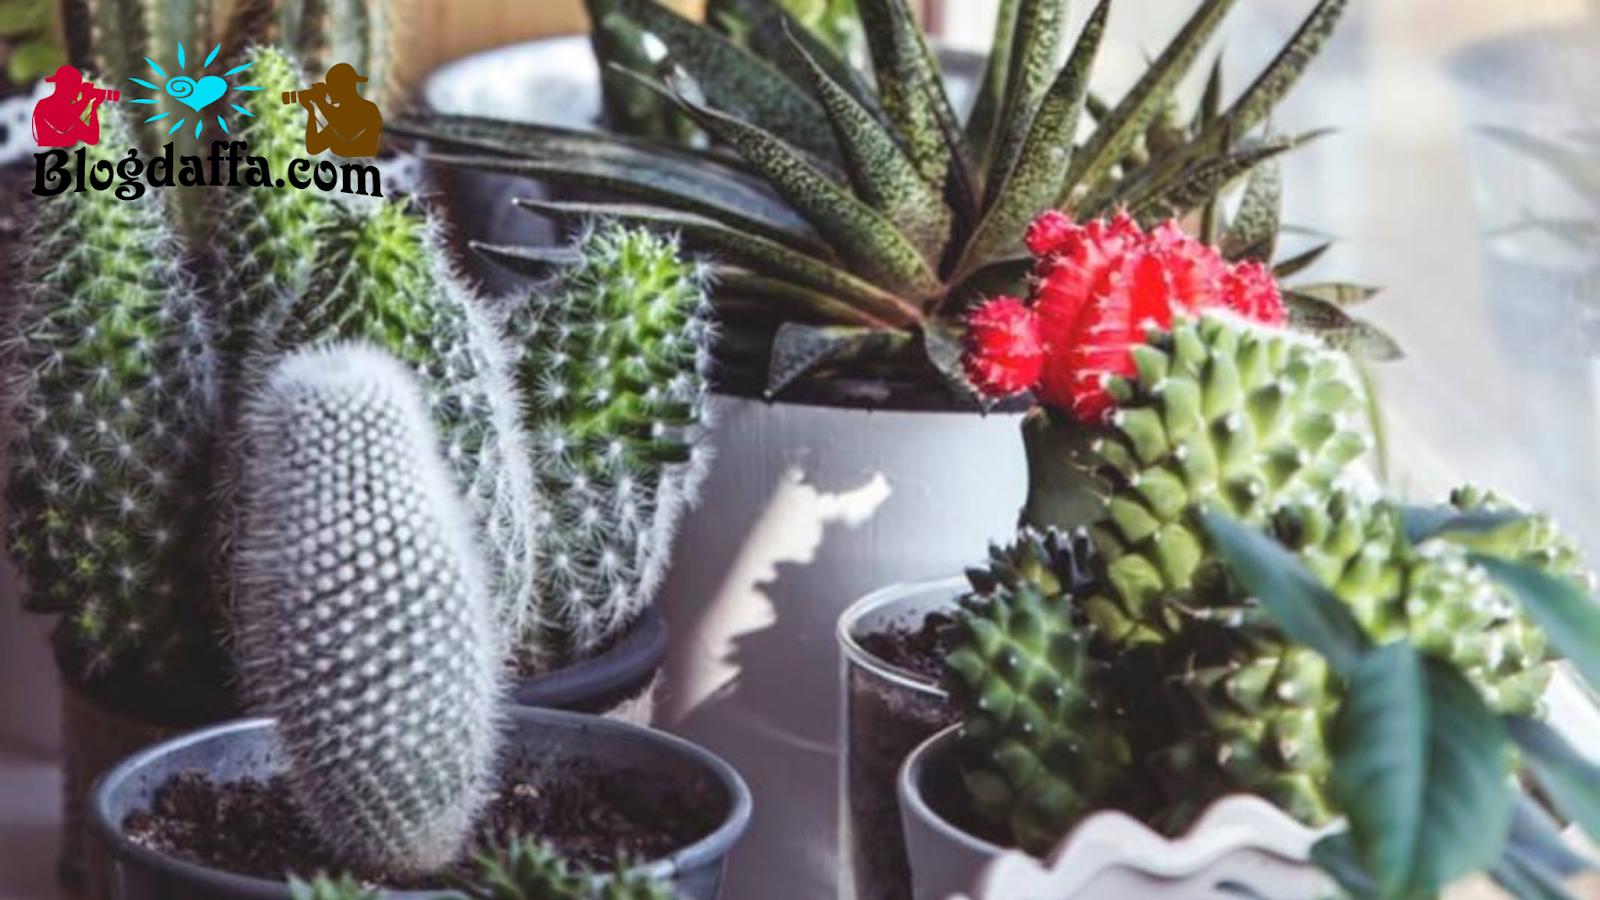 Jenis Jenis Kaktus yang Cocok untuk Dekorasi Ruangan